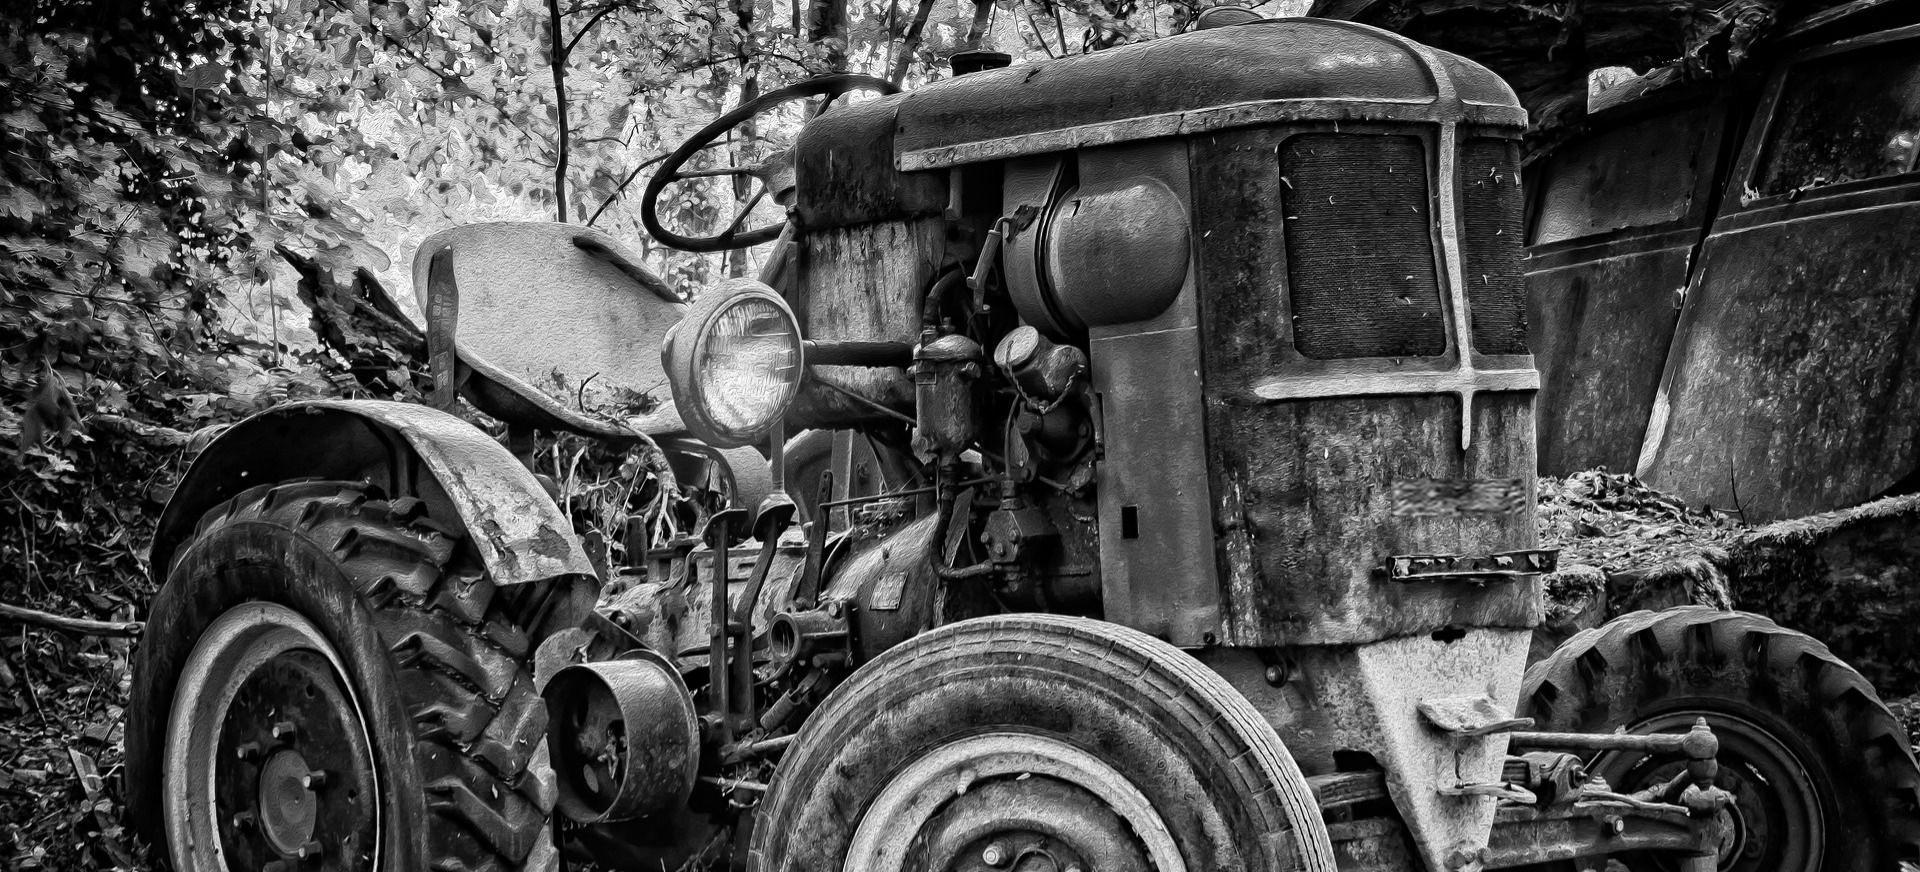 Traktor wjechał do rowu i przygniótł kierowcę. 43-latek nie żyje